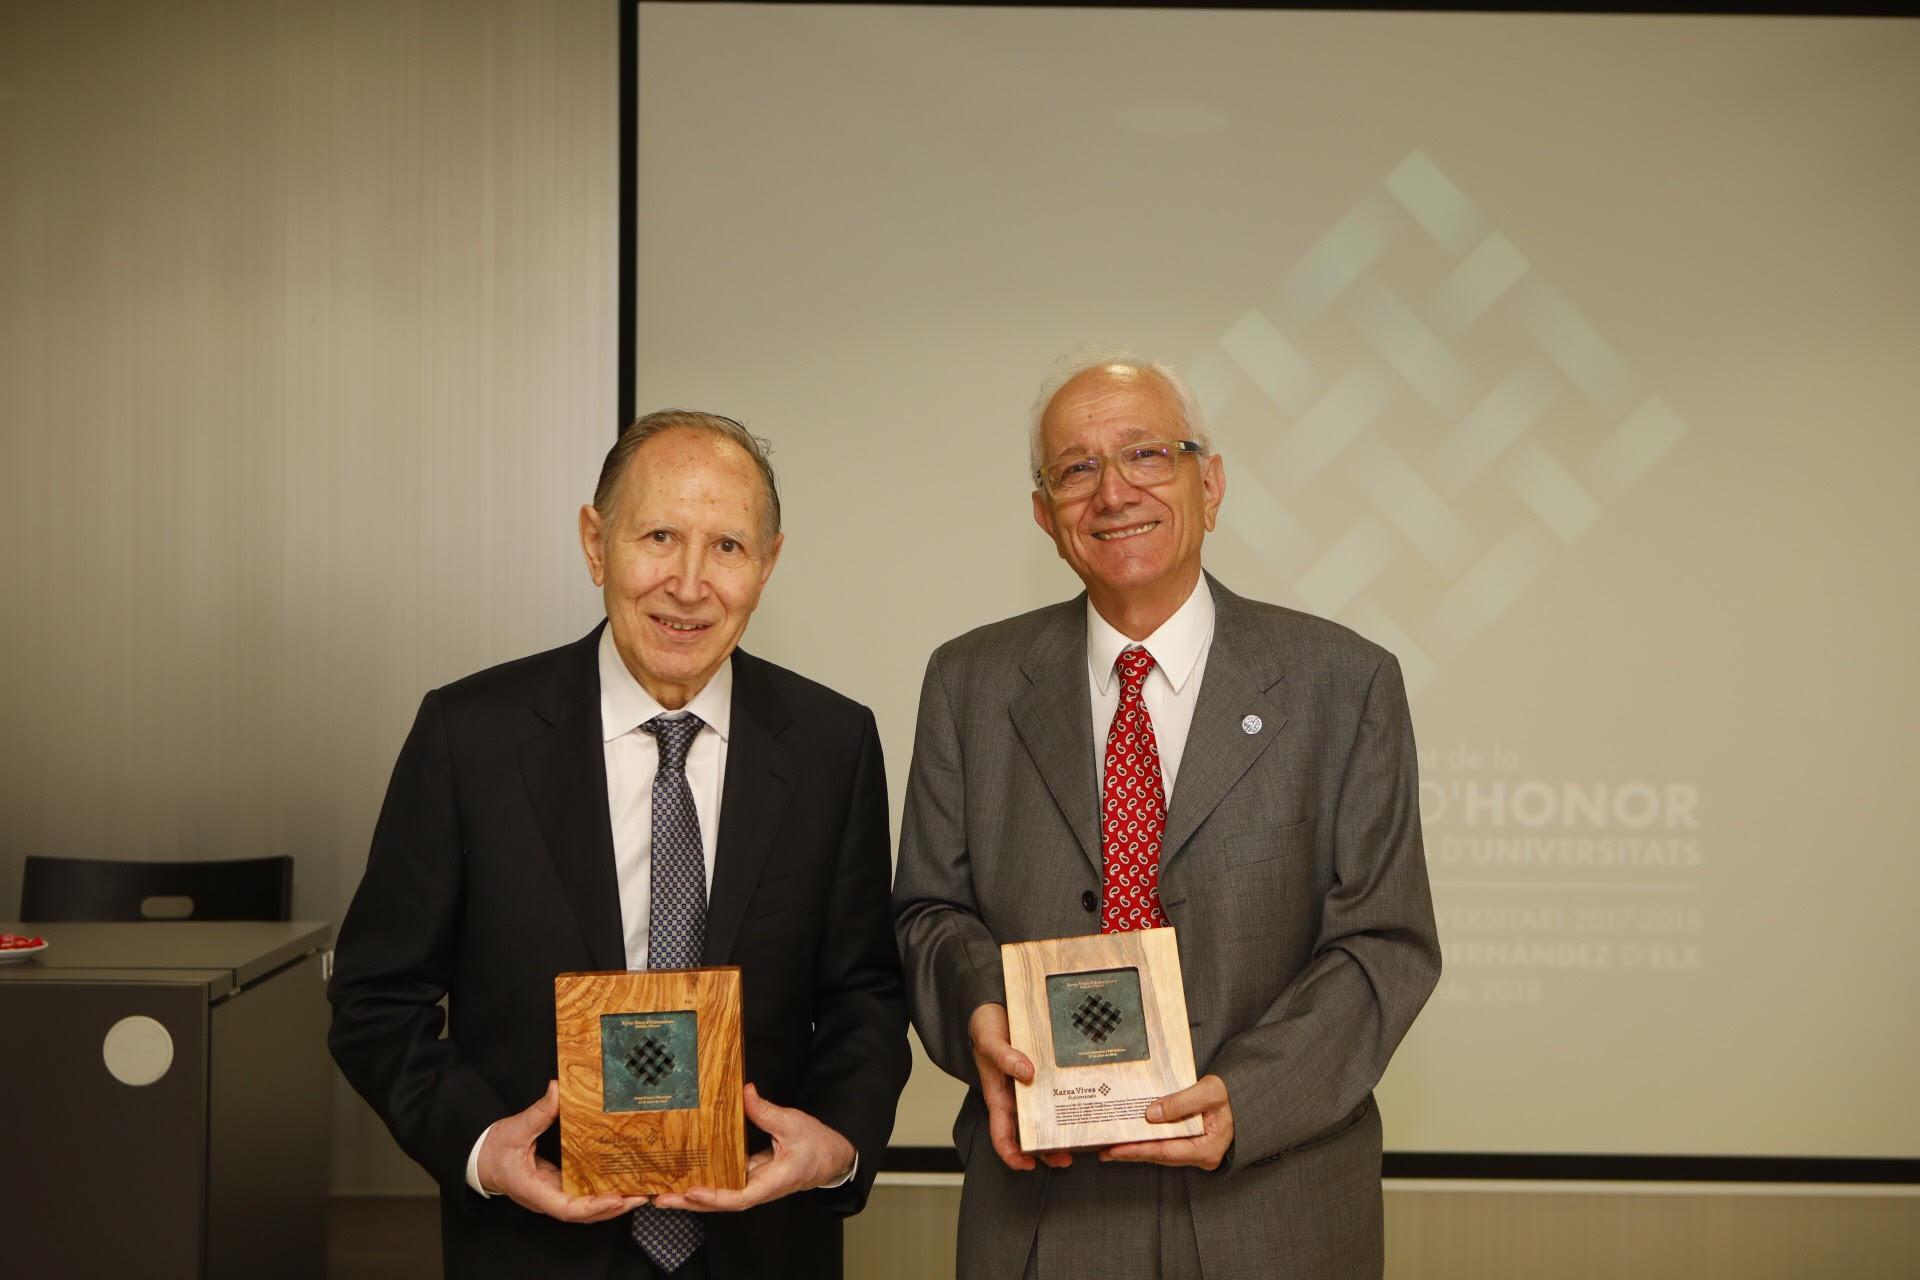 El pare Josep Massot i Manuel Lladonosa, guardonats amb la Medalla d'Honor de la Xarxa Vives